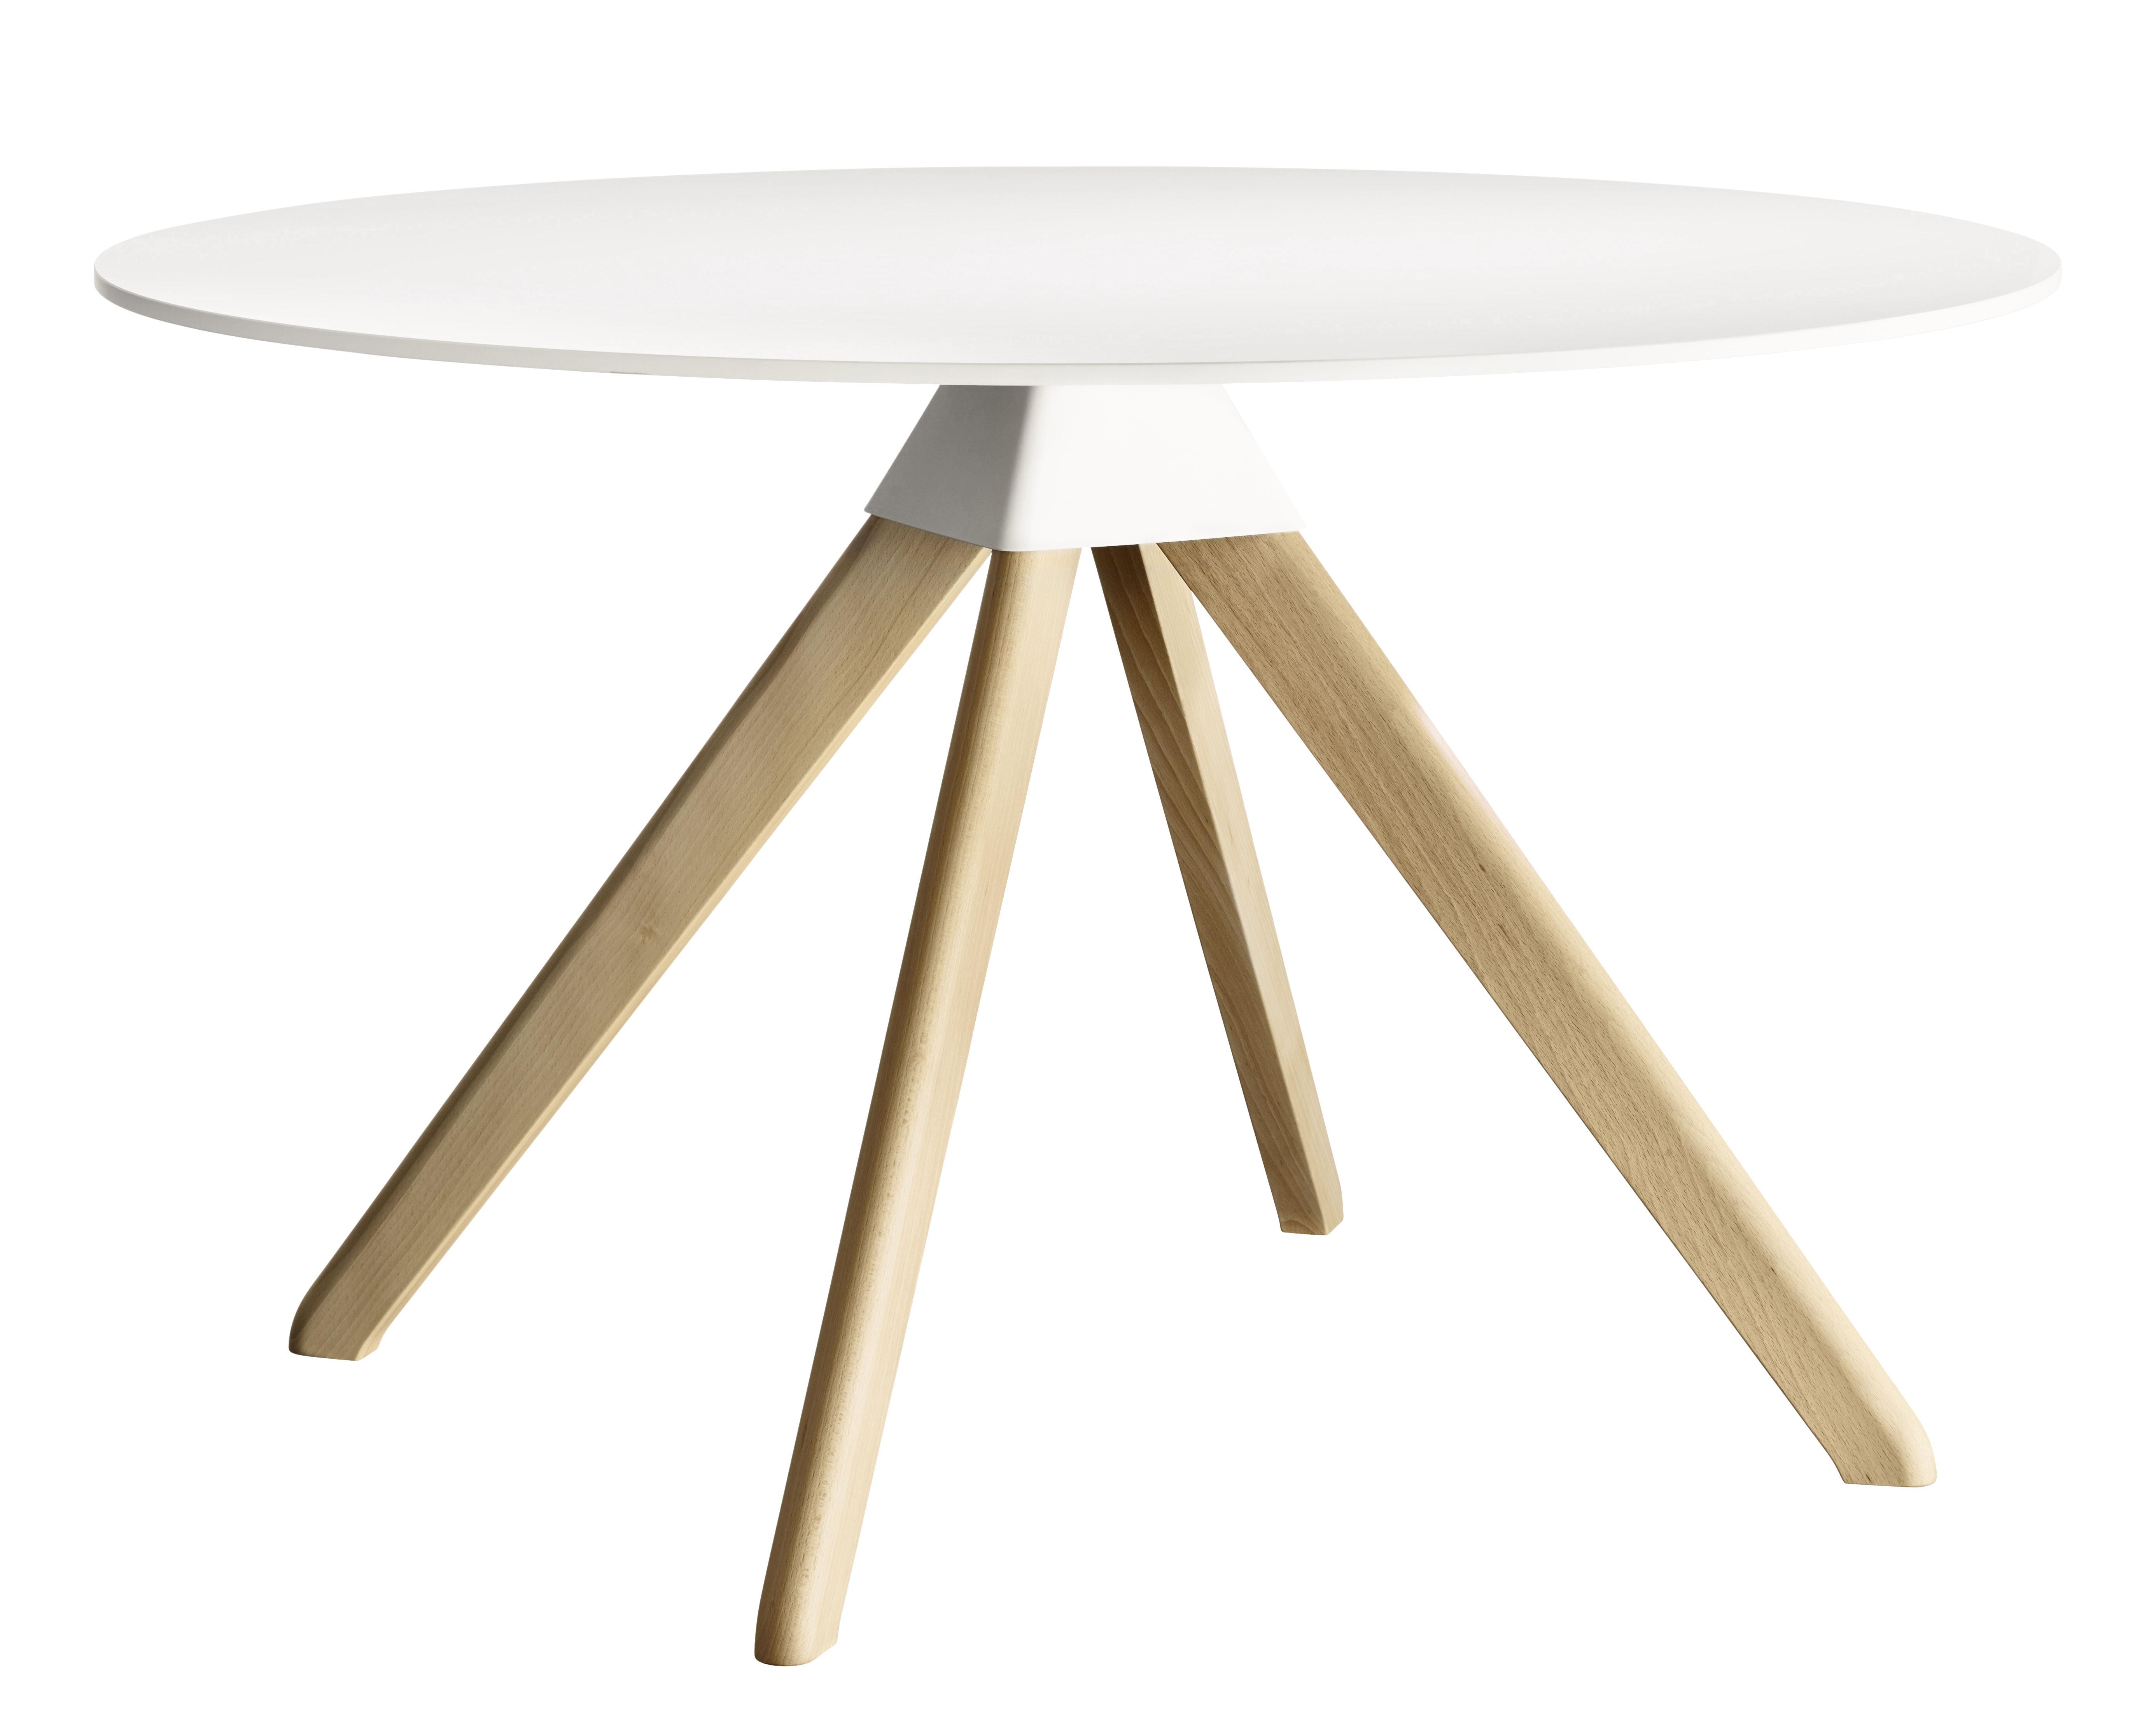 aktion - Die Top 100 des Herbstes - Cuckoo - The Wild Bunch Runder Tisch Ø 120 cm - Magis - Weiß / Tischbeine holzfarben - Buchenfurnier, Holzfaserplatte, Polypropylen